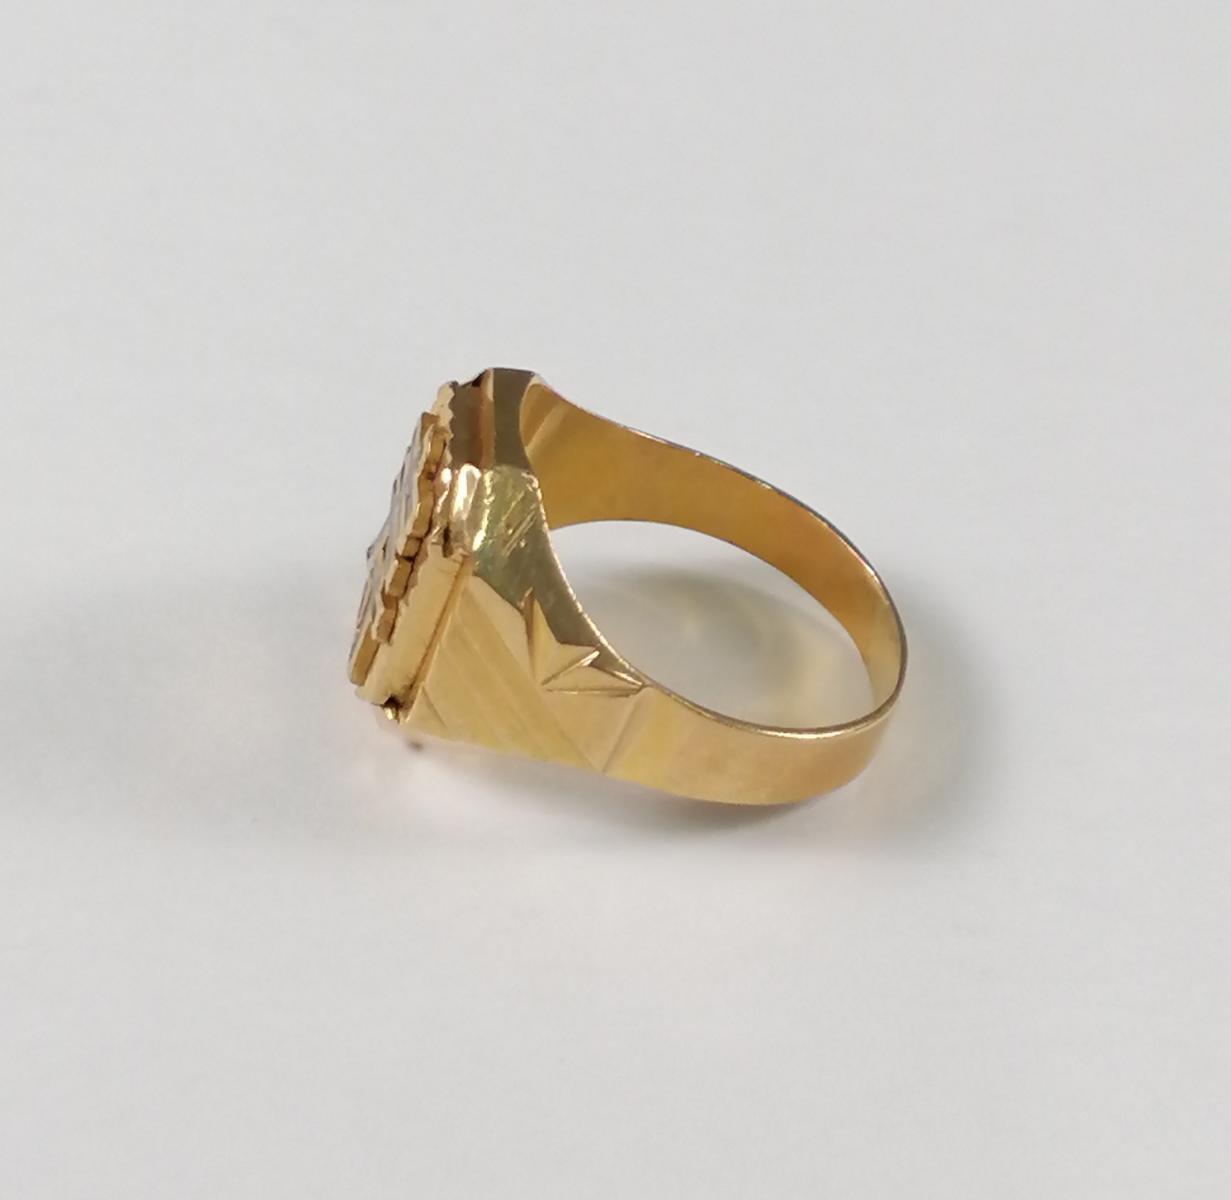 22 Karat Gelbgold-Siegelring mit dem chinesischen Schriftzeichen für 'Langes Leben'-6